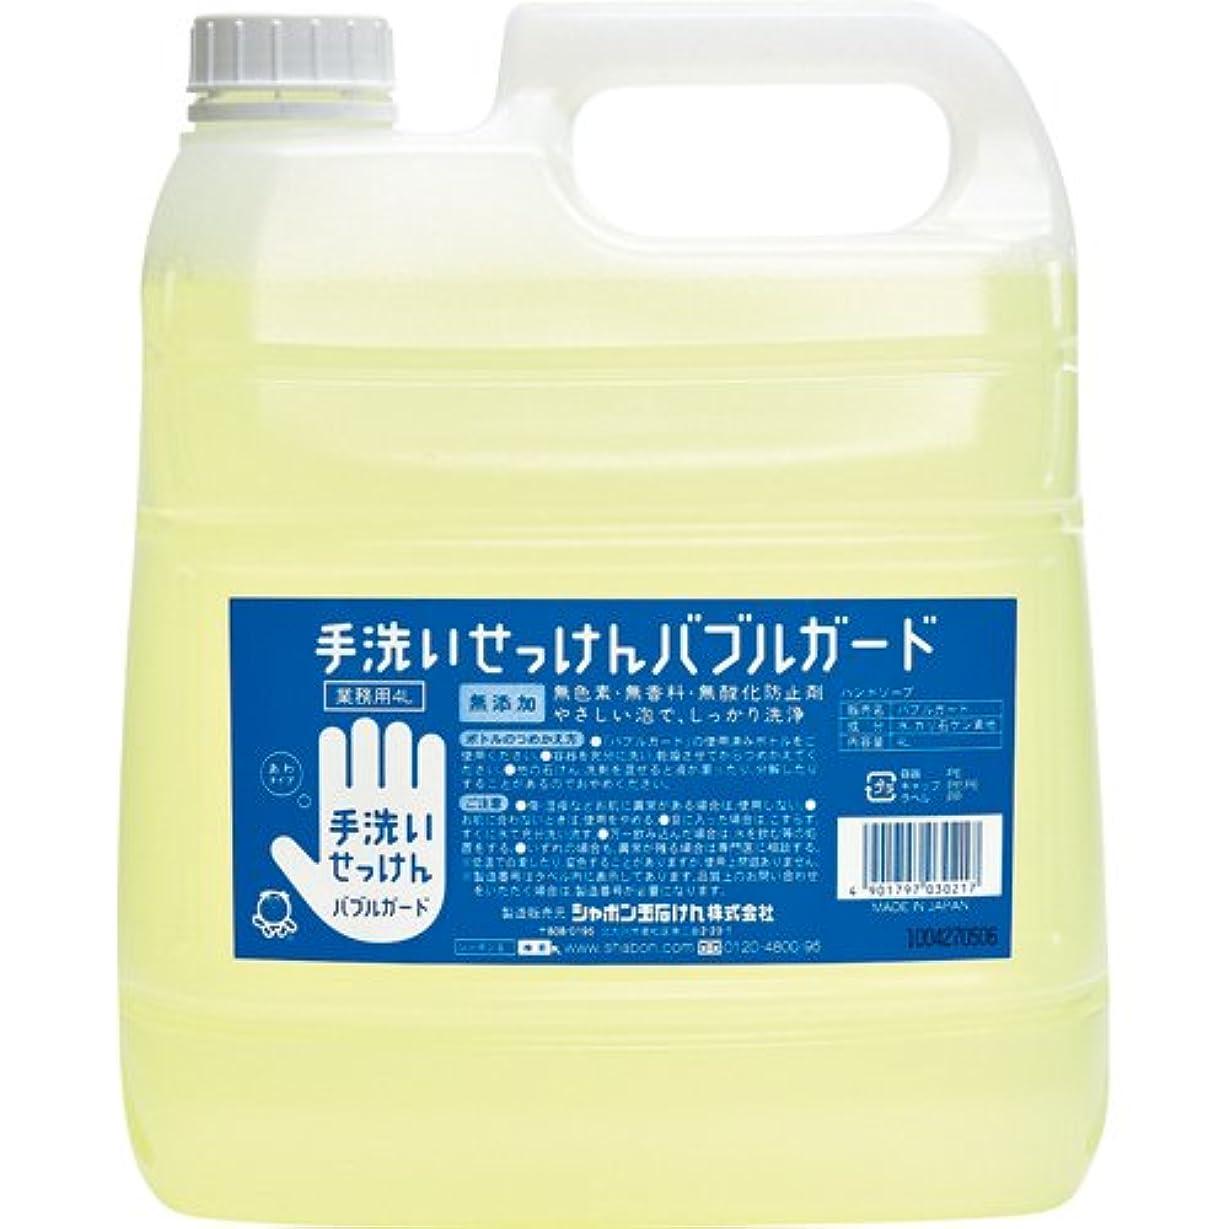 トロリー座標拒否[シャボン玉石けん 1692542] (ケア商品)手洗いせっけん バブルガード 泡タイプ 業務用 4L